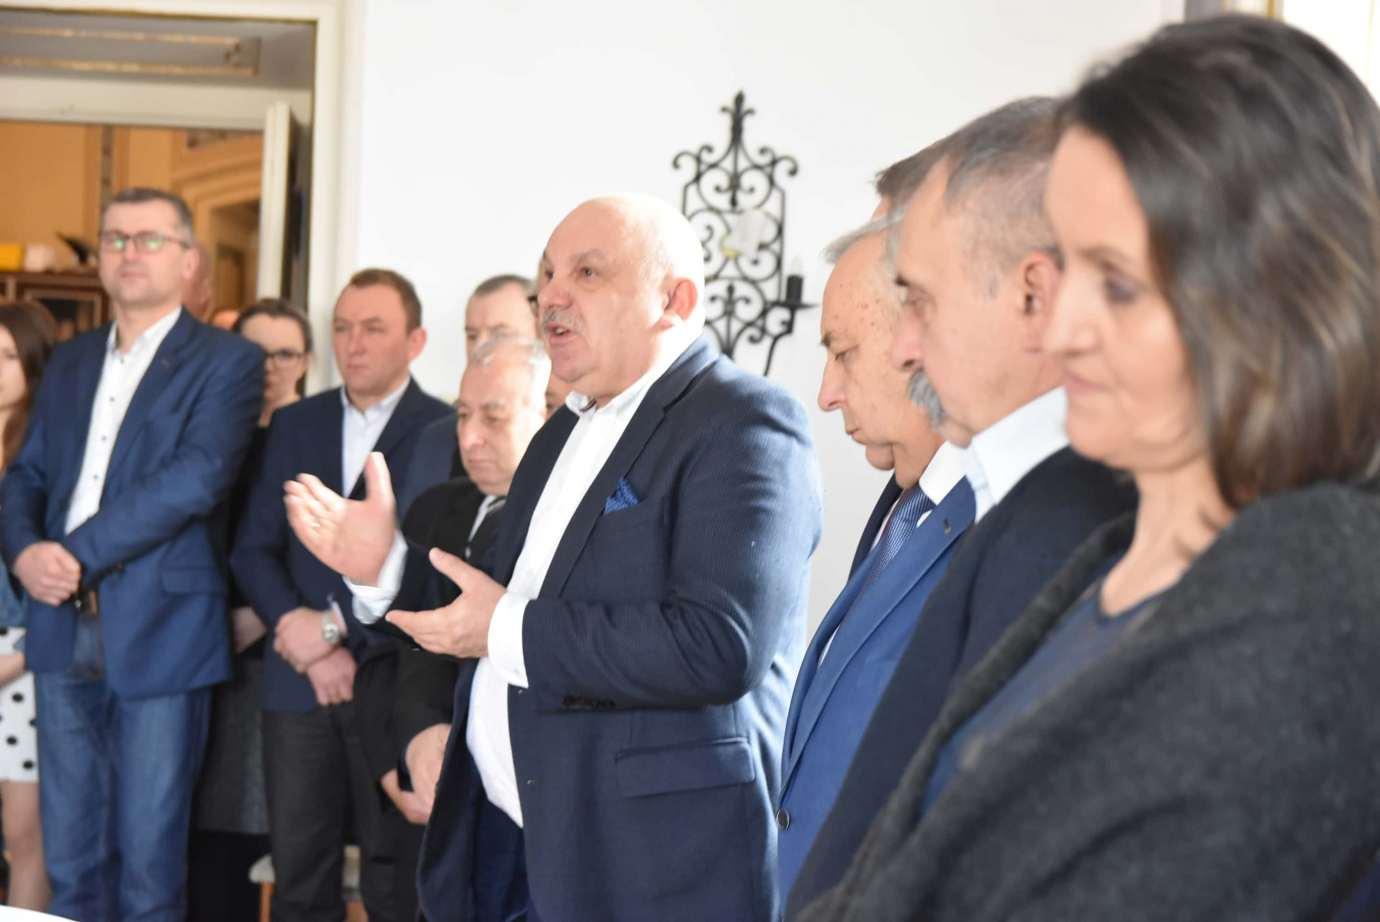 dsc 4018 Zamość: Otwarcie nowego biura poselskiego Jarosława Sachajko. [ZDJĘCIA, FILM]